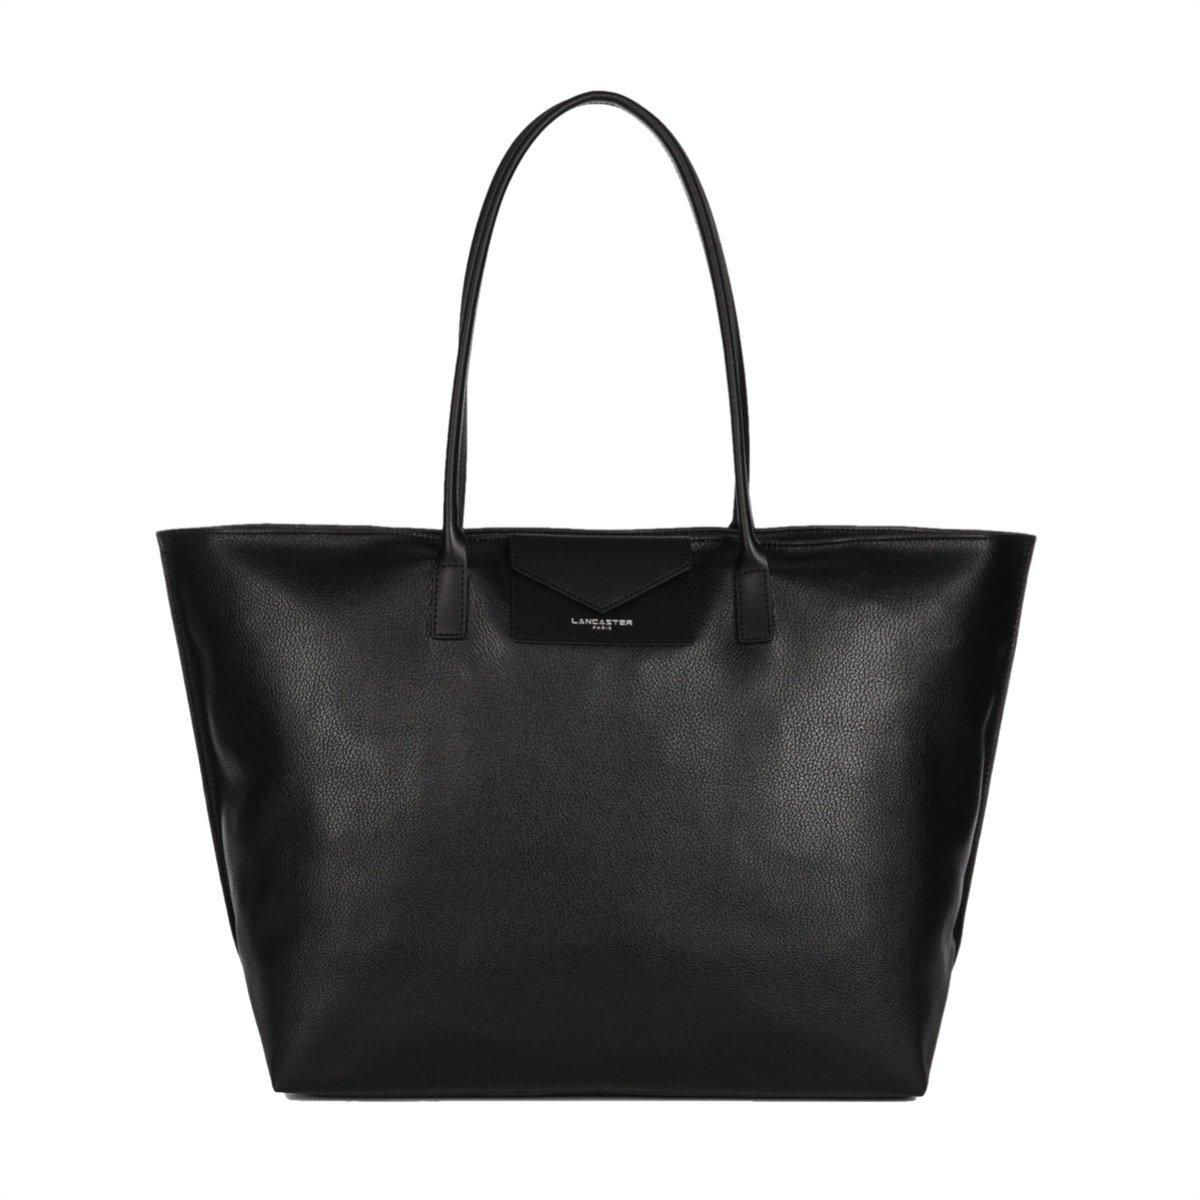 LANCASTER - Maya XL Tote bag - Noir